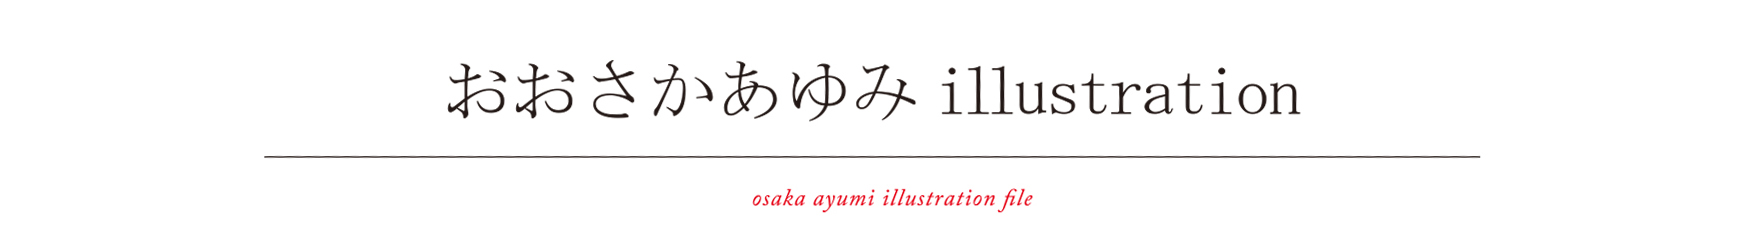 おおさかあゆみIllustration